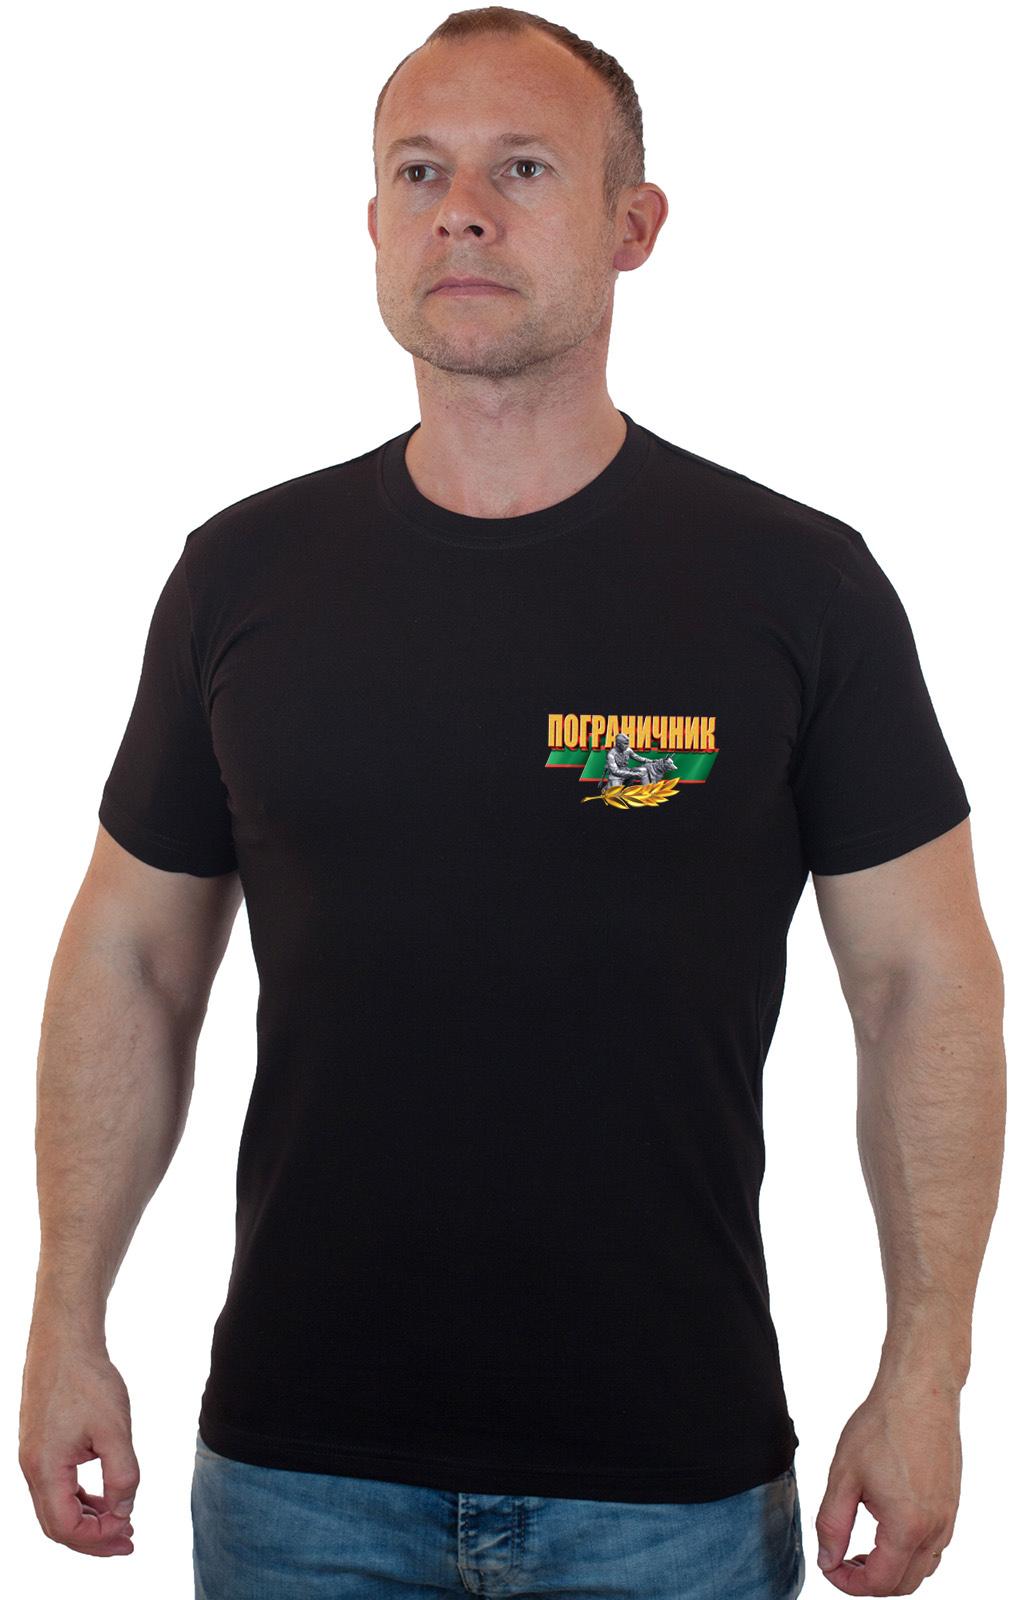 Купить в интернет магазине футболку ПОГРАНИЧНИК